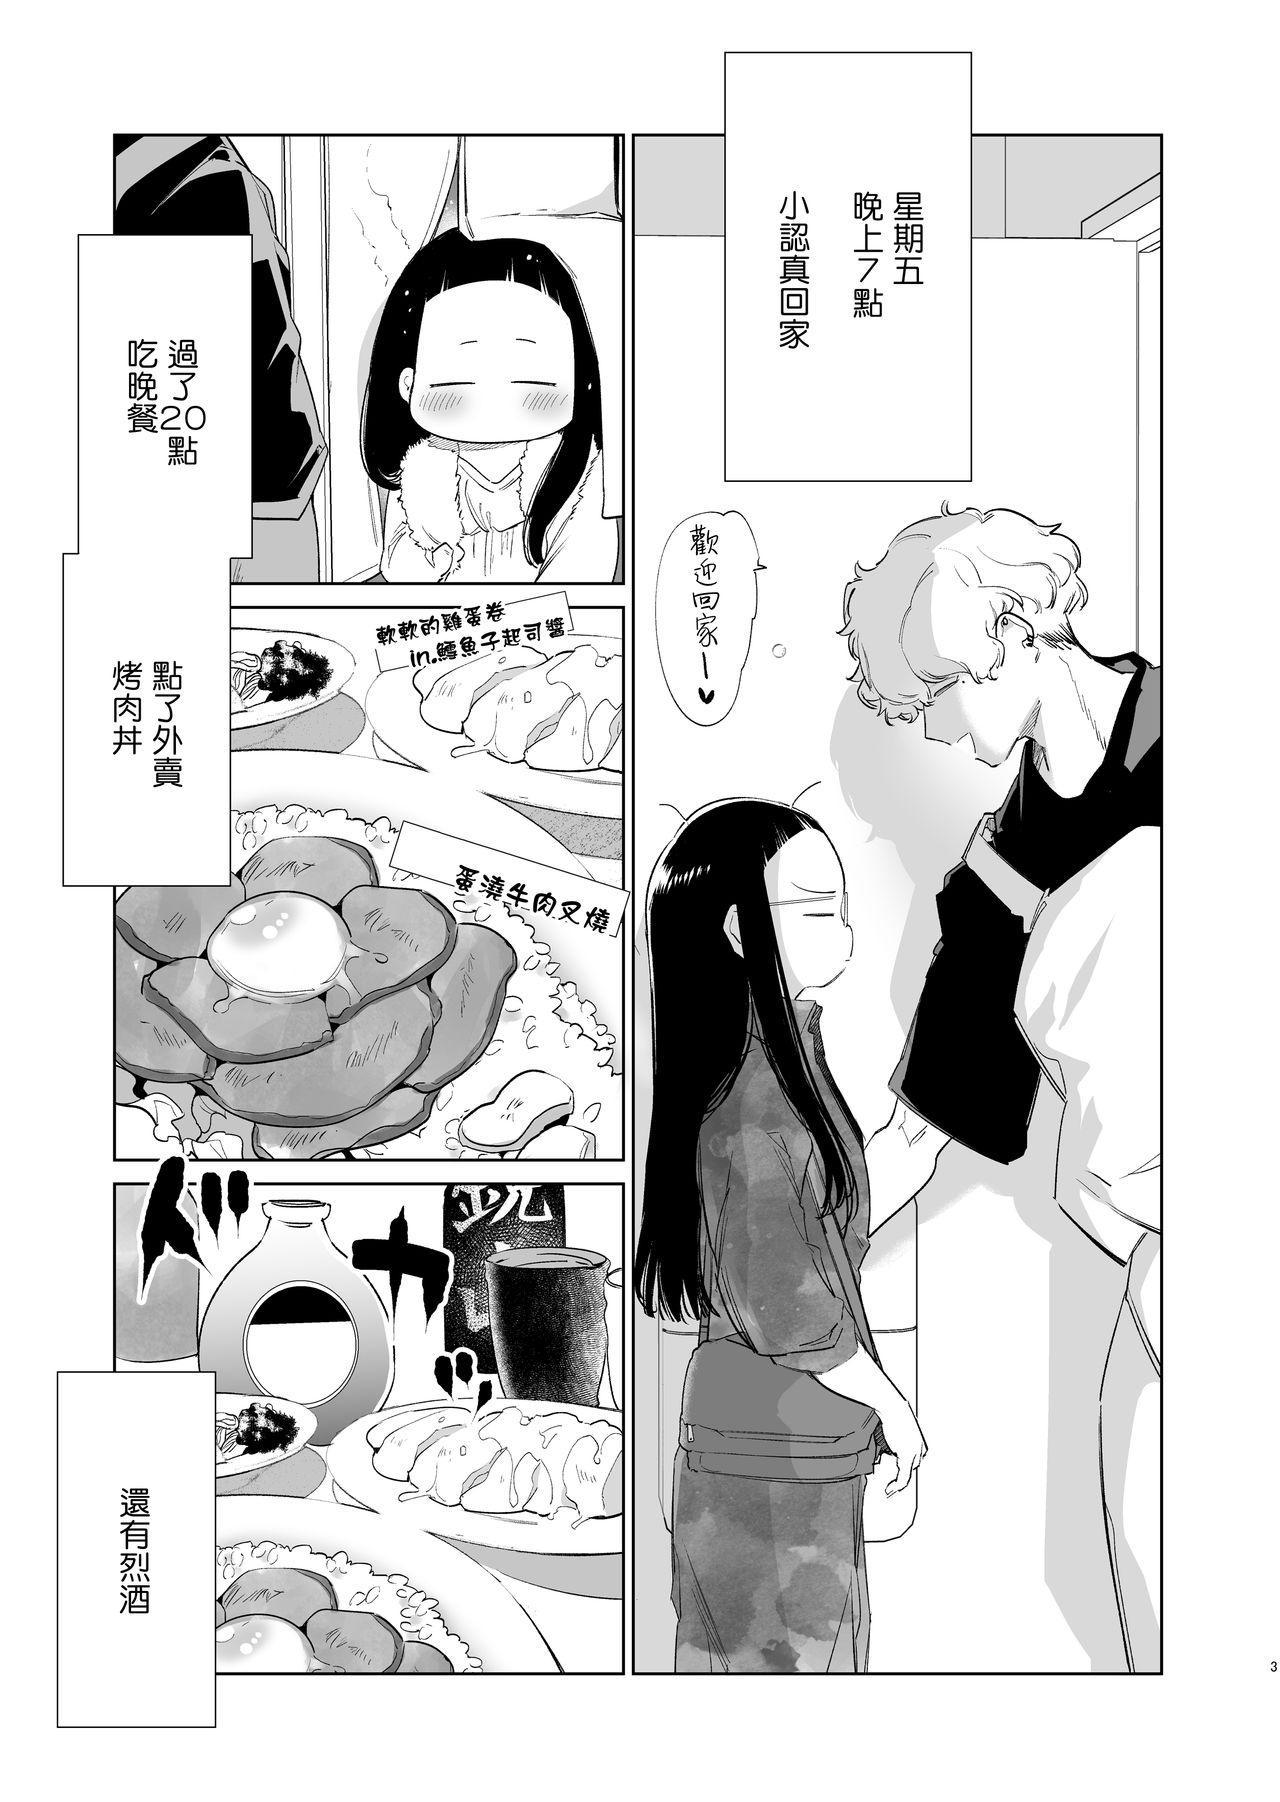 [Yatomomin (Yamamoto Tomomitsu)] Majime-chan to Kimama-kun AM1:30 [Chinese] [無邪気漢化組] [Digital] 1